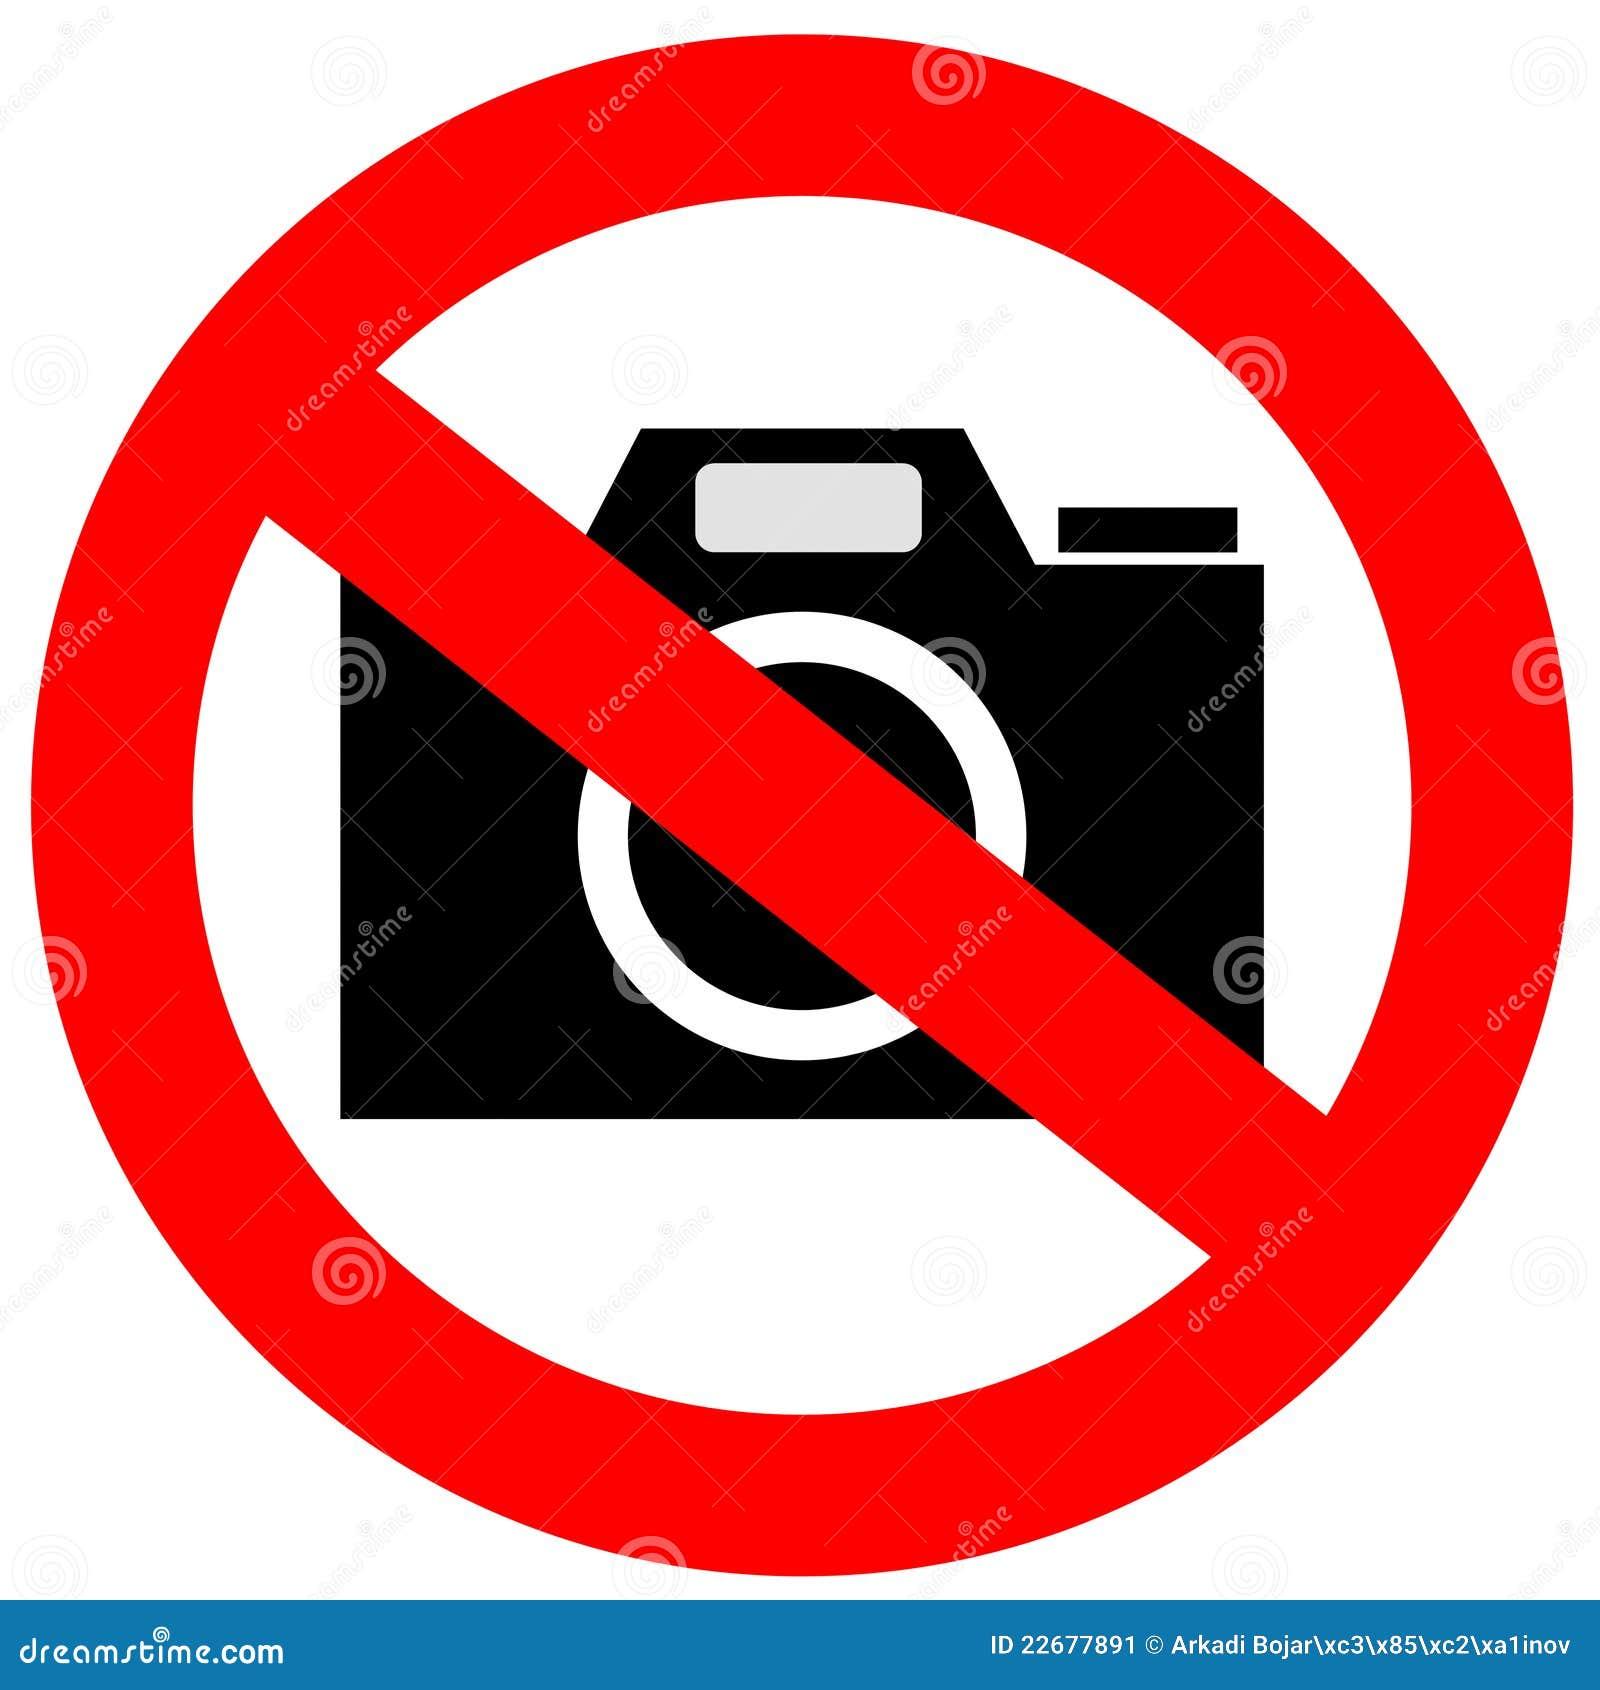 No Camera Sign Stock Image Image 22677891